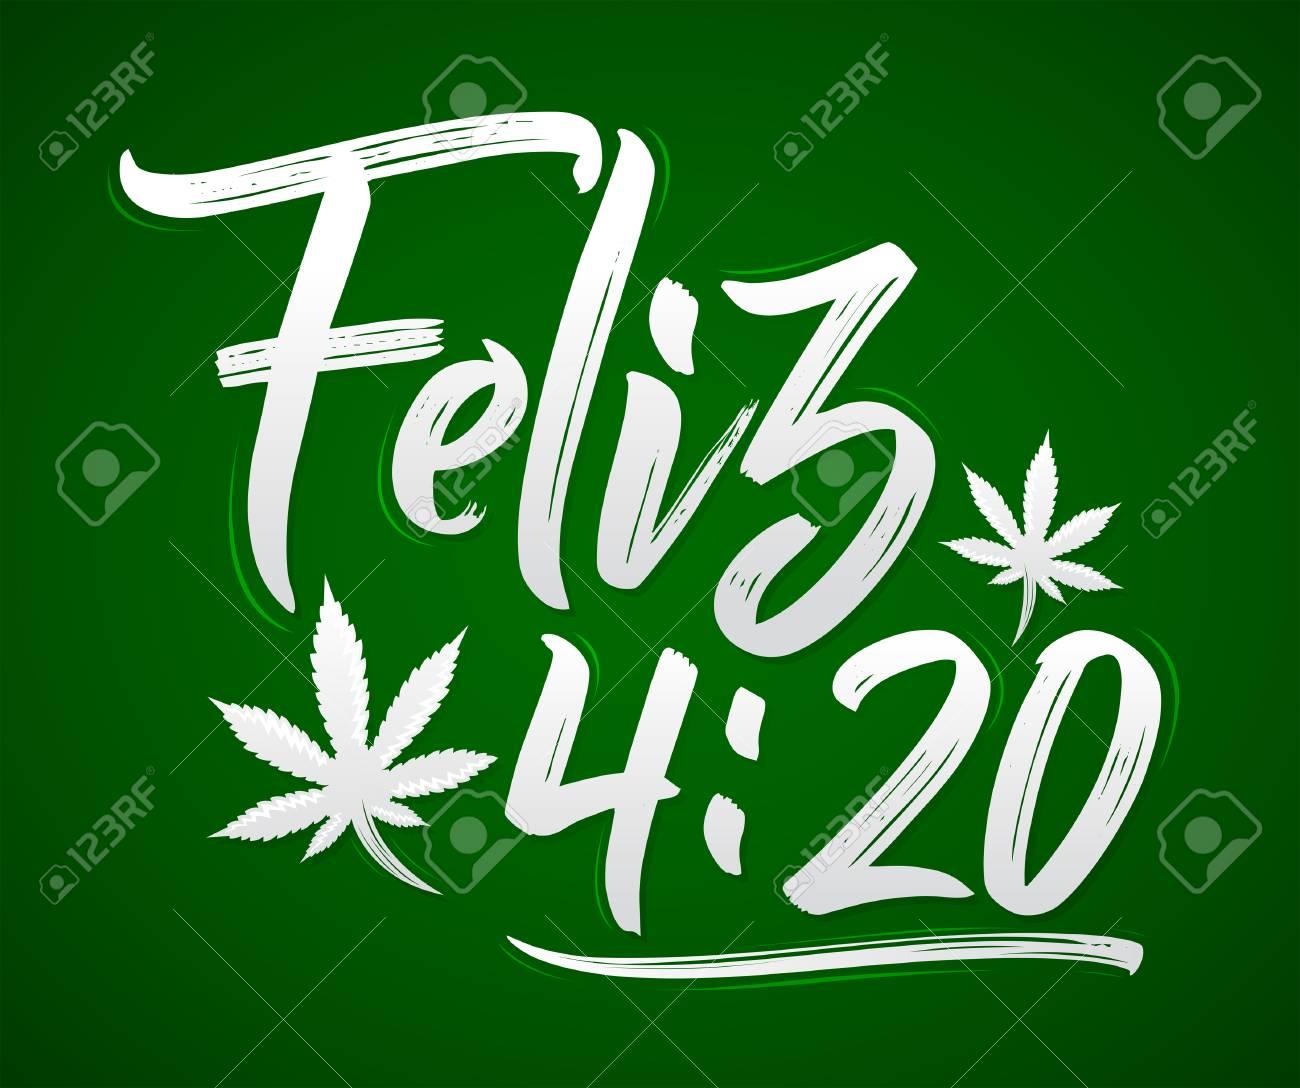 4 20 картинки коноплей как посадить марихуаны